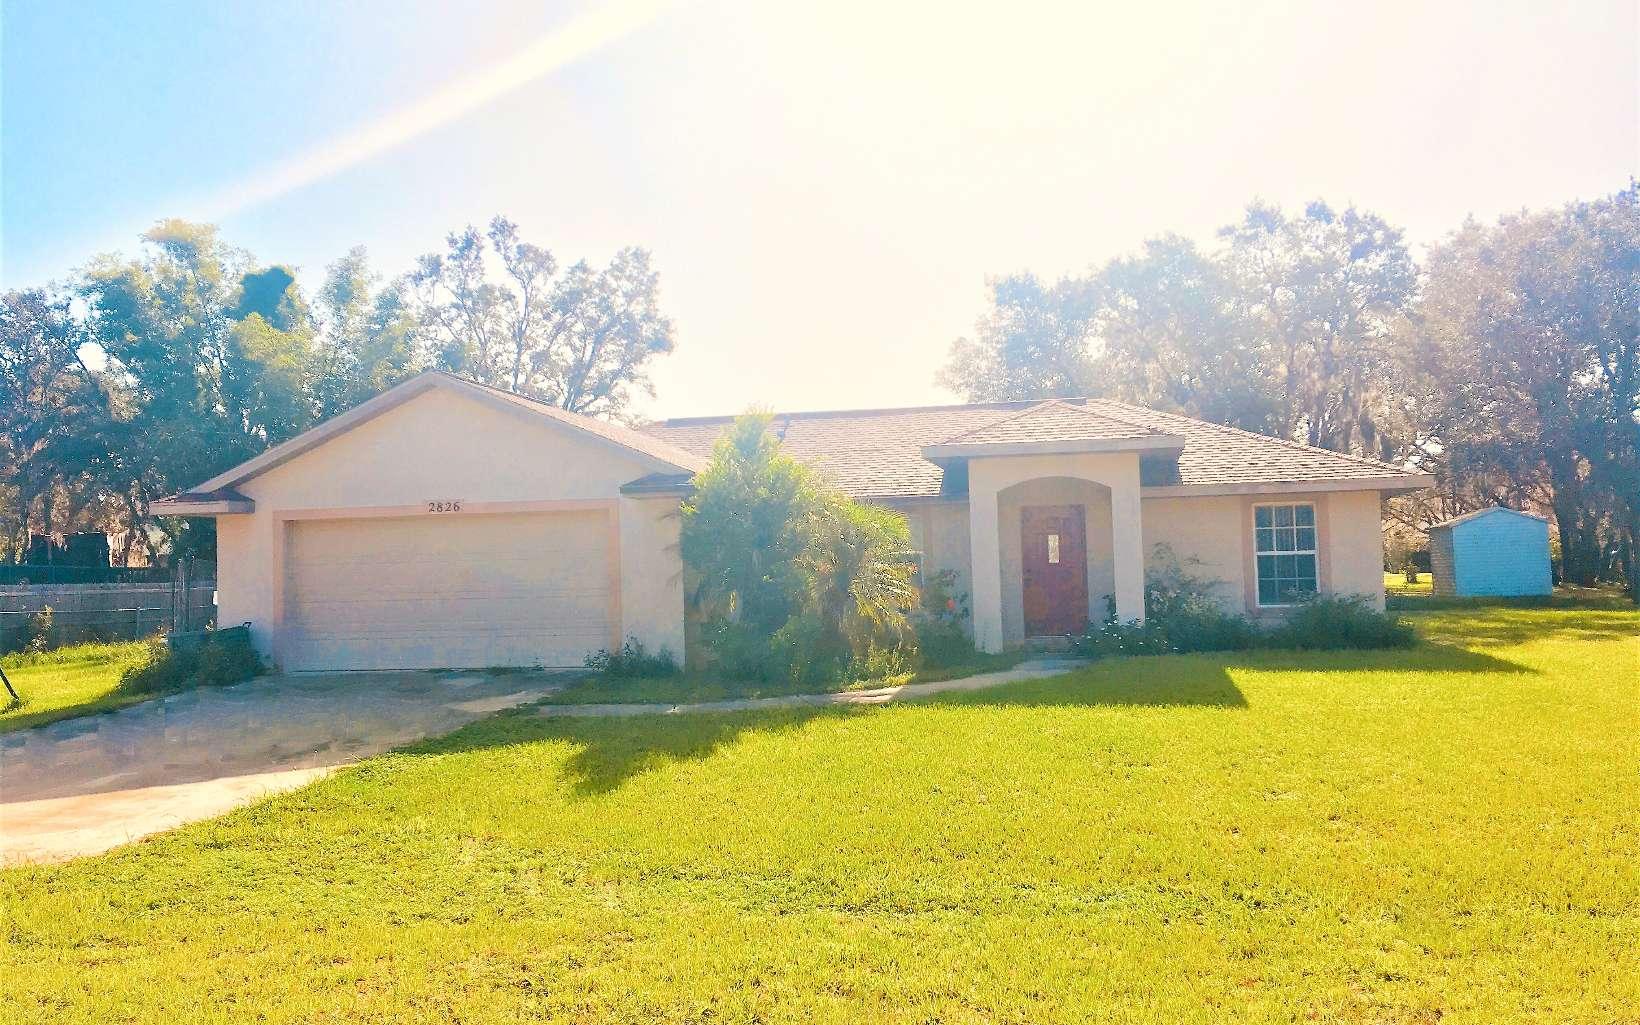 2826 N Monroe Rd, Avon Park, FL 33825